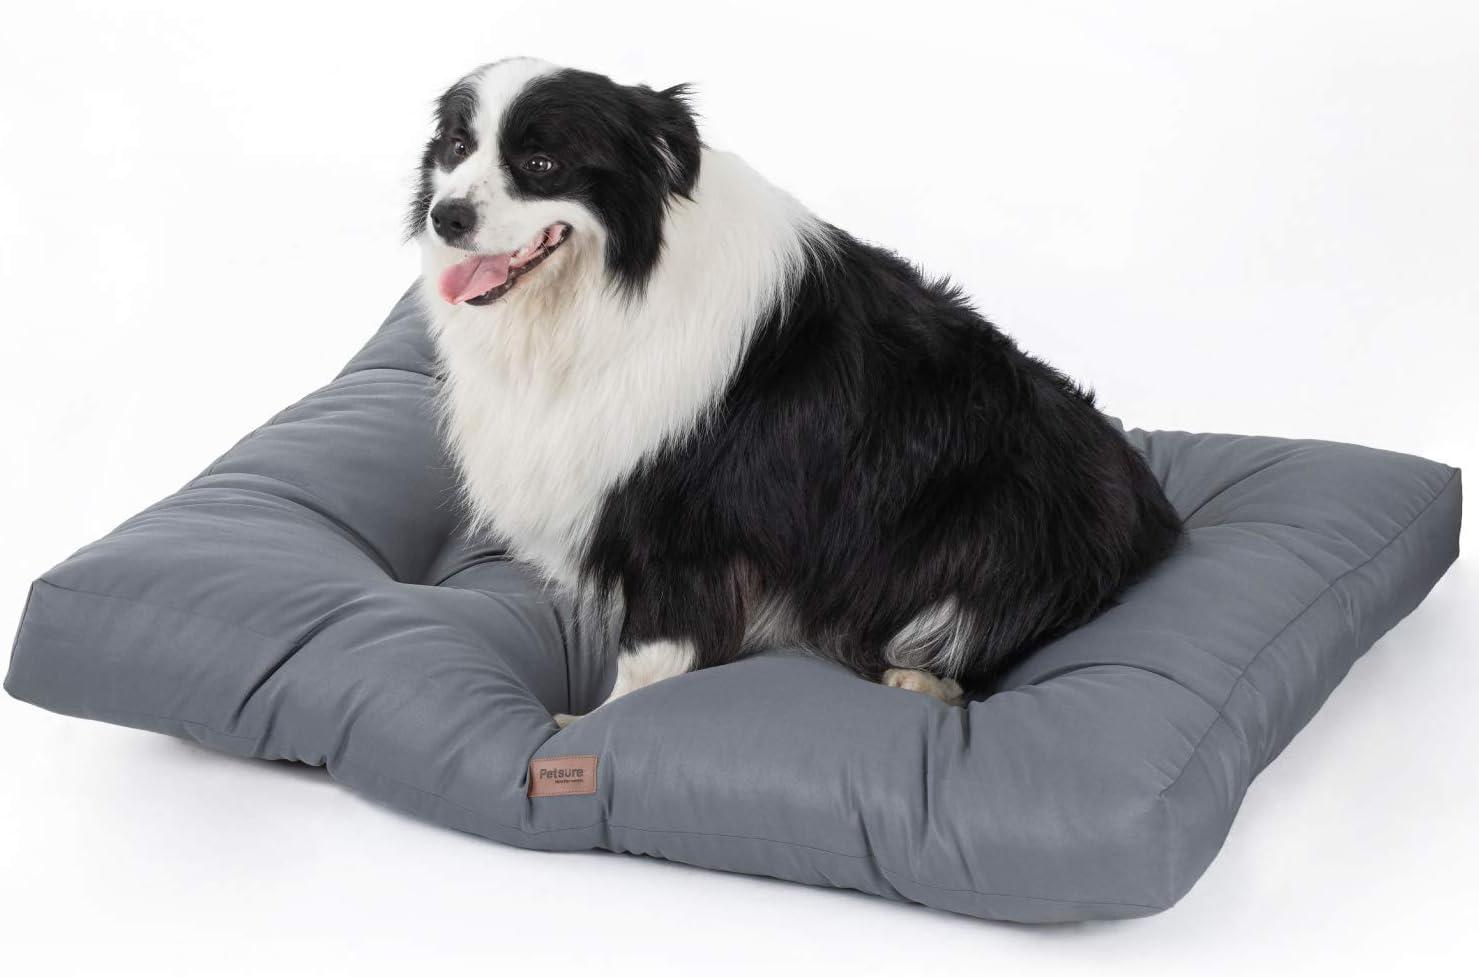 Bedsure Cama para Perro Grande Impermeable L - Colchón Perro Lavable Suave - 91x68x10 cm,Gris,L